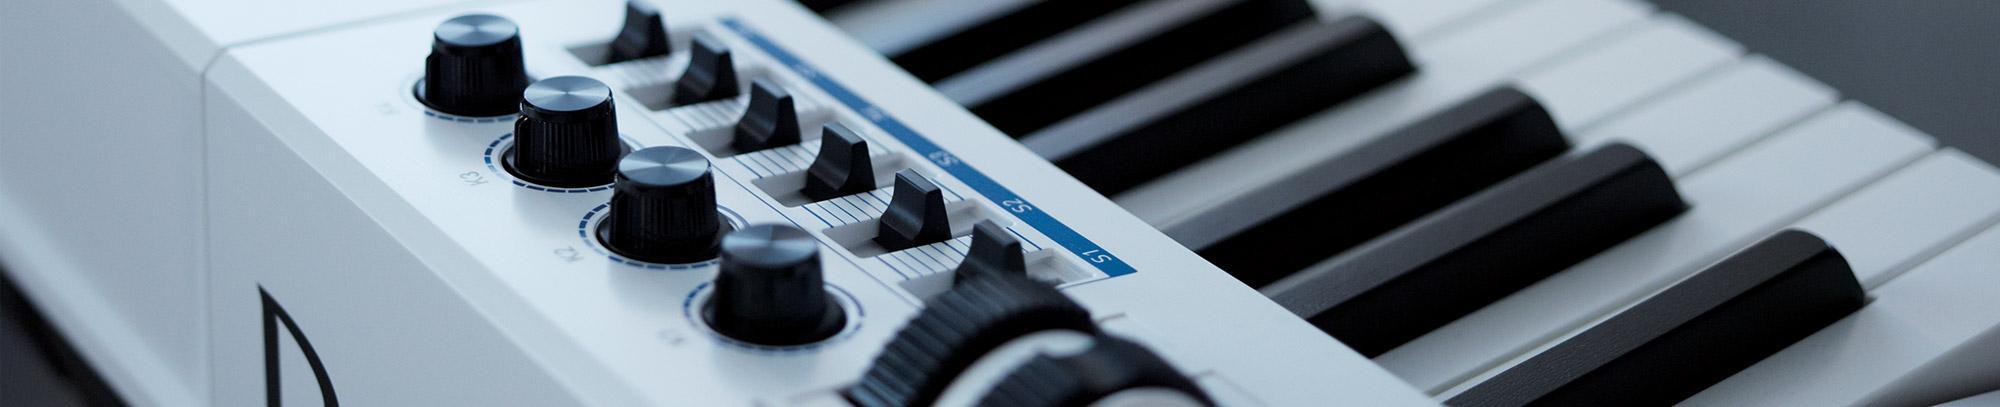 Casio piano midi driver online